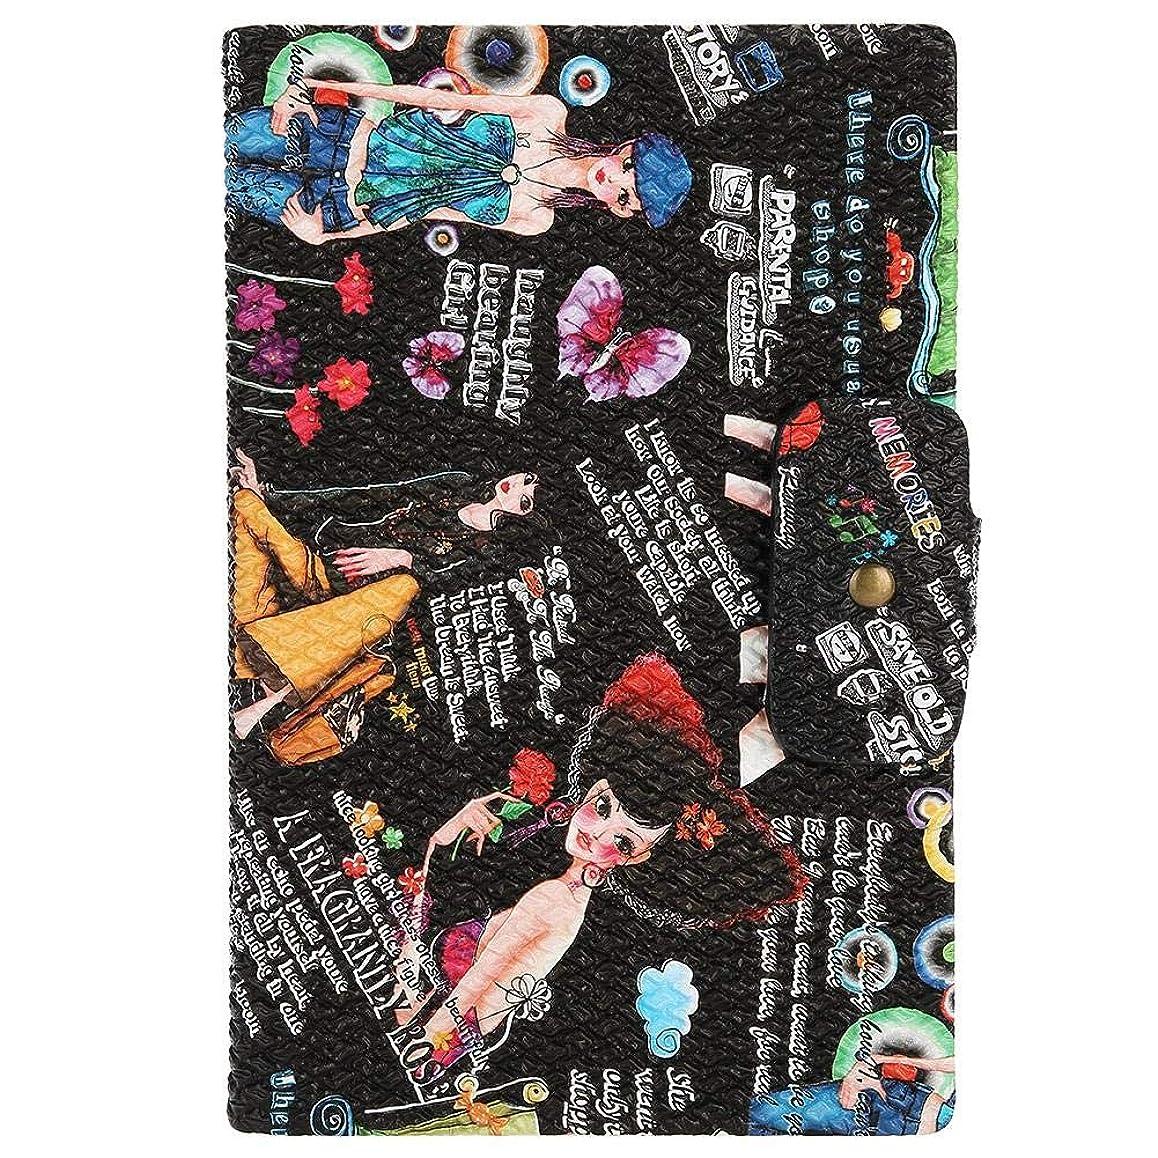 不調和山積みの定規ネイルアートディスプレイスタンド 160色表示 プラスチック板 ネイルポリッシュカラー ディスプレイ サロン アクセサリー(02)